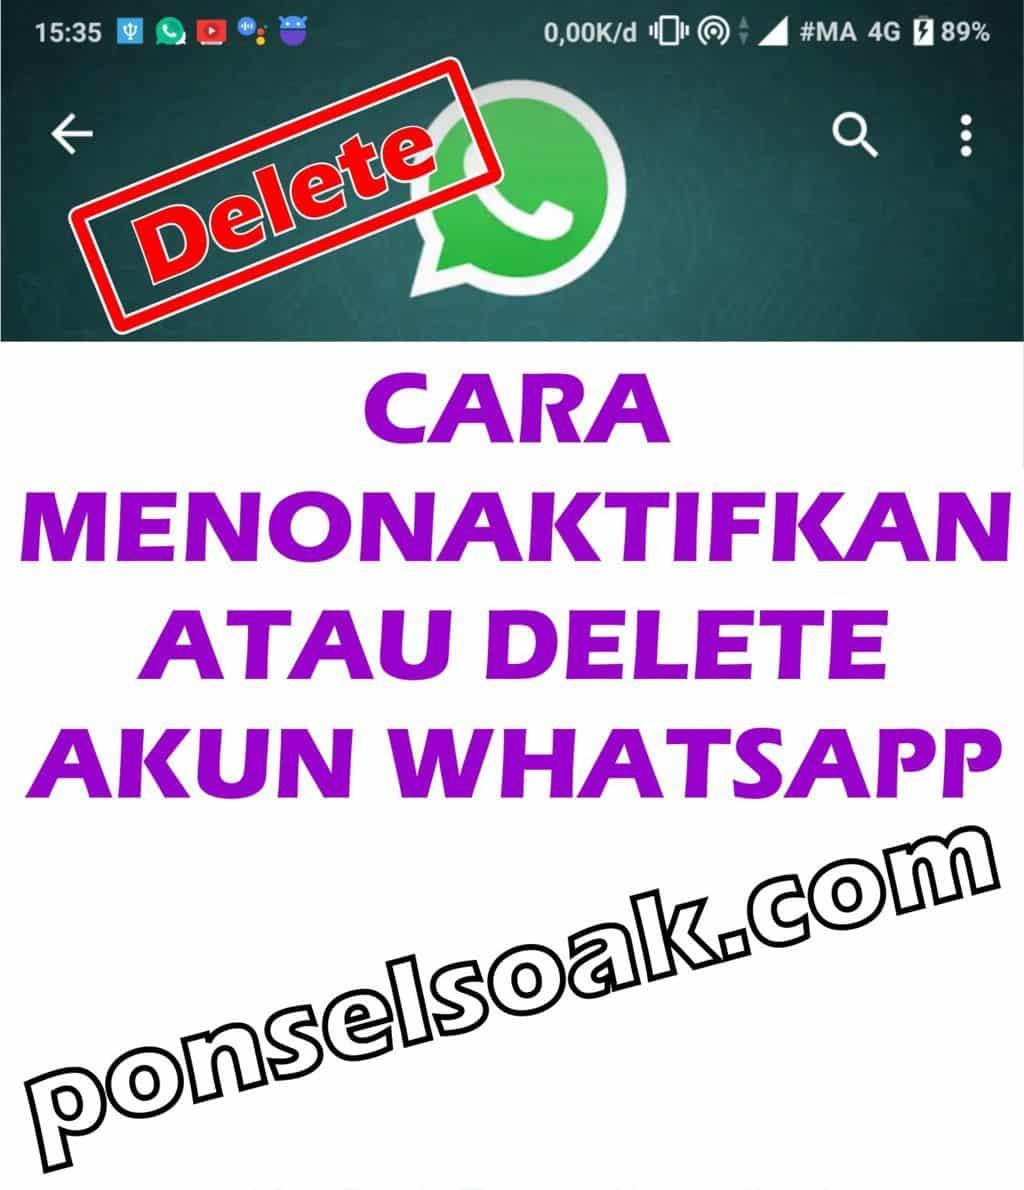 Cara Delete Akun WhatsApp